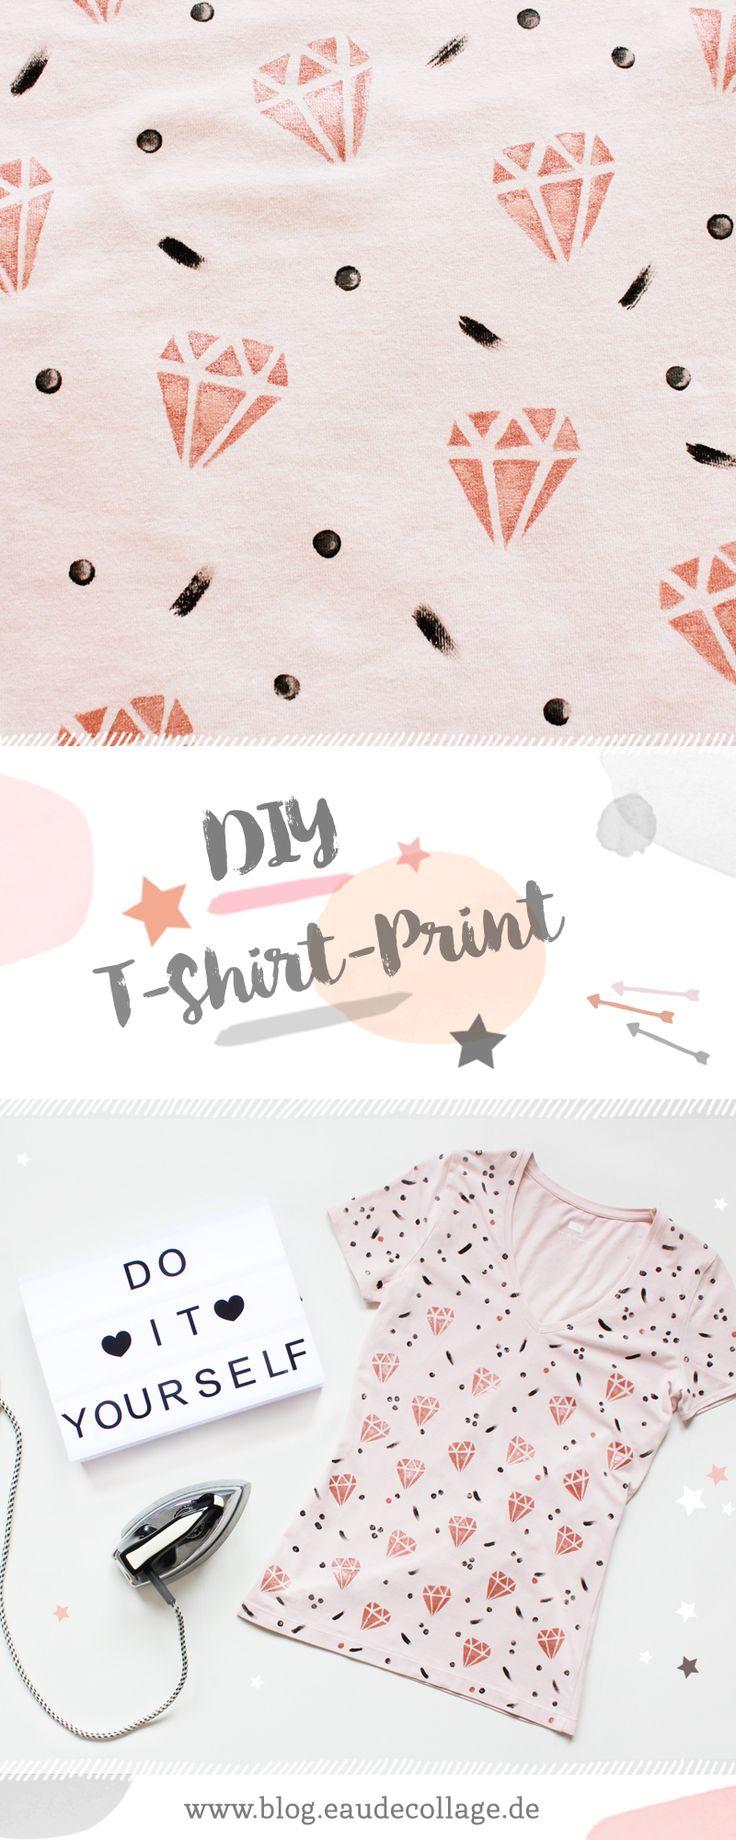 DIY / SHIRT MIT DIAMANT KUPFER PRINT BEDRUCKEN // Dieses süße DIY Shirt mit Diamant-Kupfer-Print könnt ihr mit einem alten T-Shirt, Textilfarbe und einem Bügeleisen ganz einfach und günstig selbermachen!  #shirt #upcycling #diy #diyfashion #pattern #bedrucken #bemalen